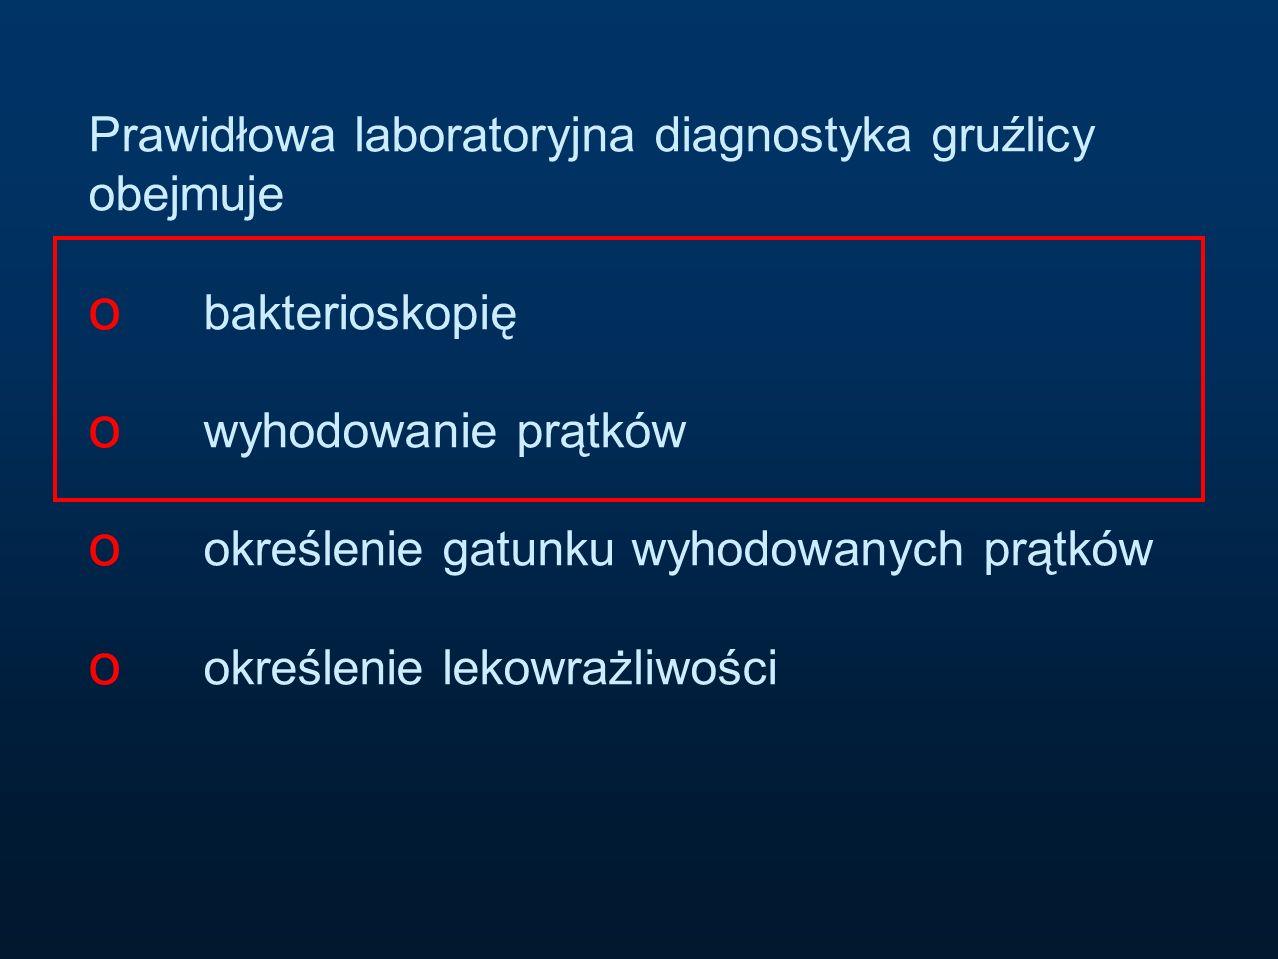 Prawidłowa laboratoryjna diagnostyka gruźlicy obejmuje o bakterioskopię o wyhodowanie prątków o określenie gatunku wyhodowanych prątków o określenie l